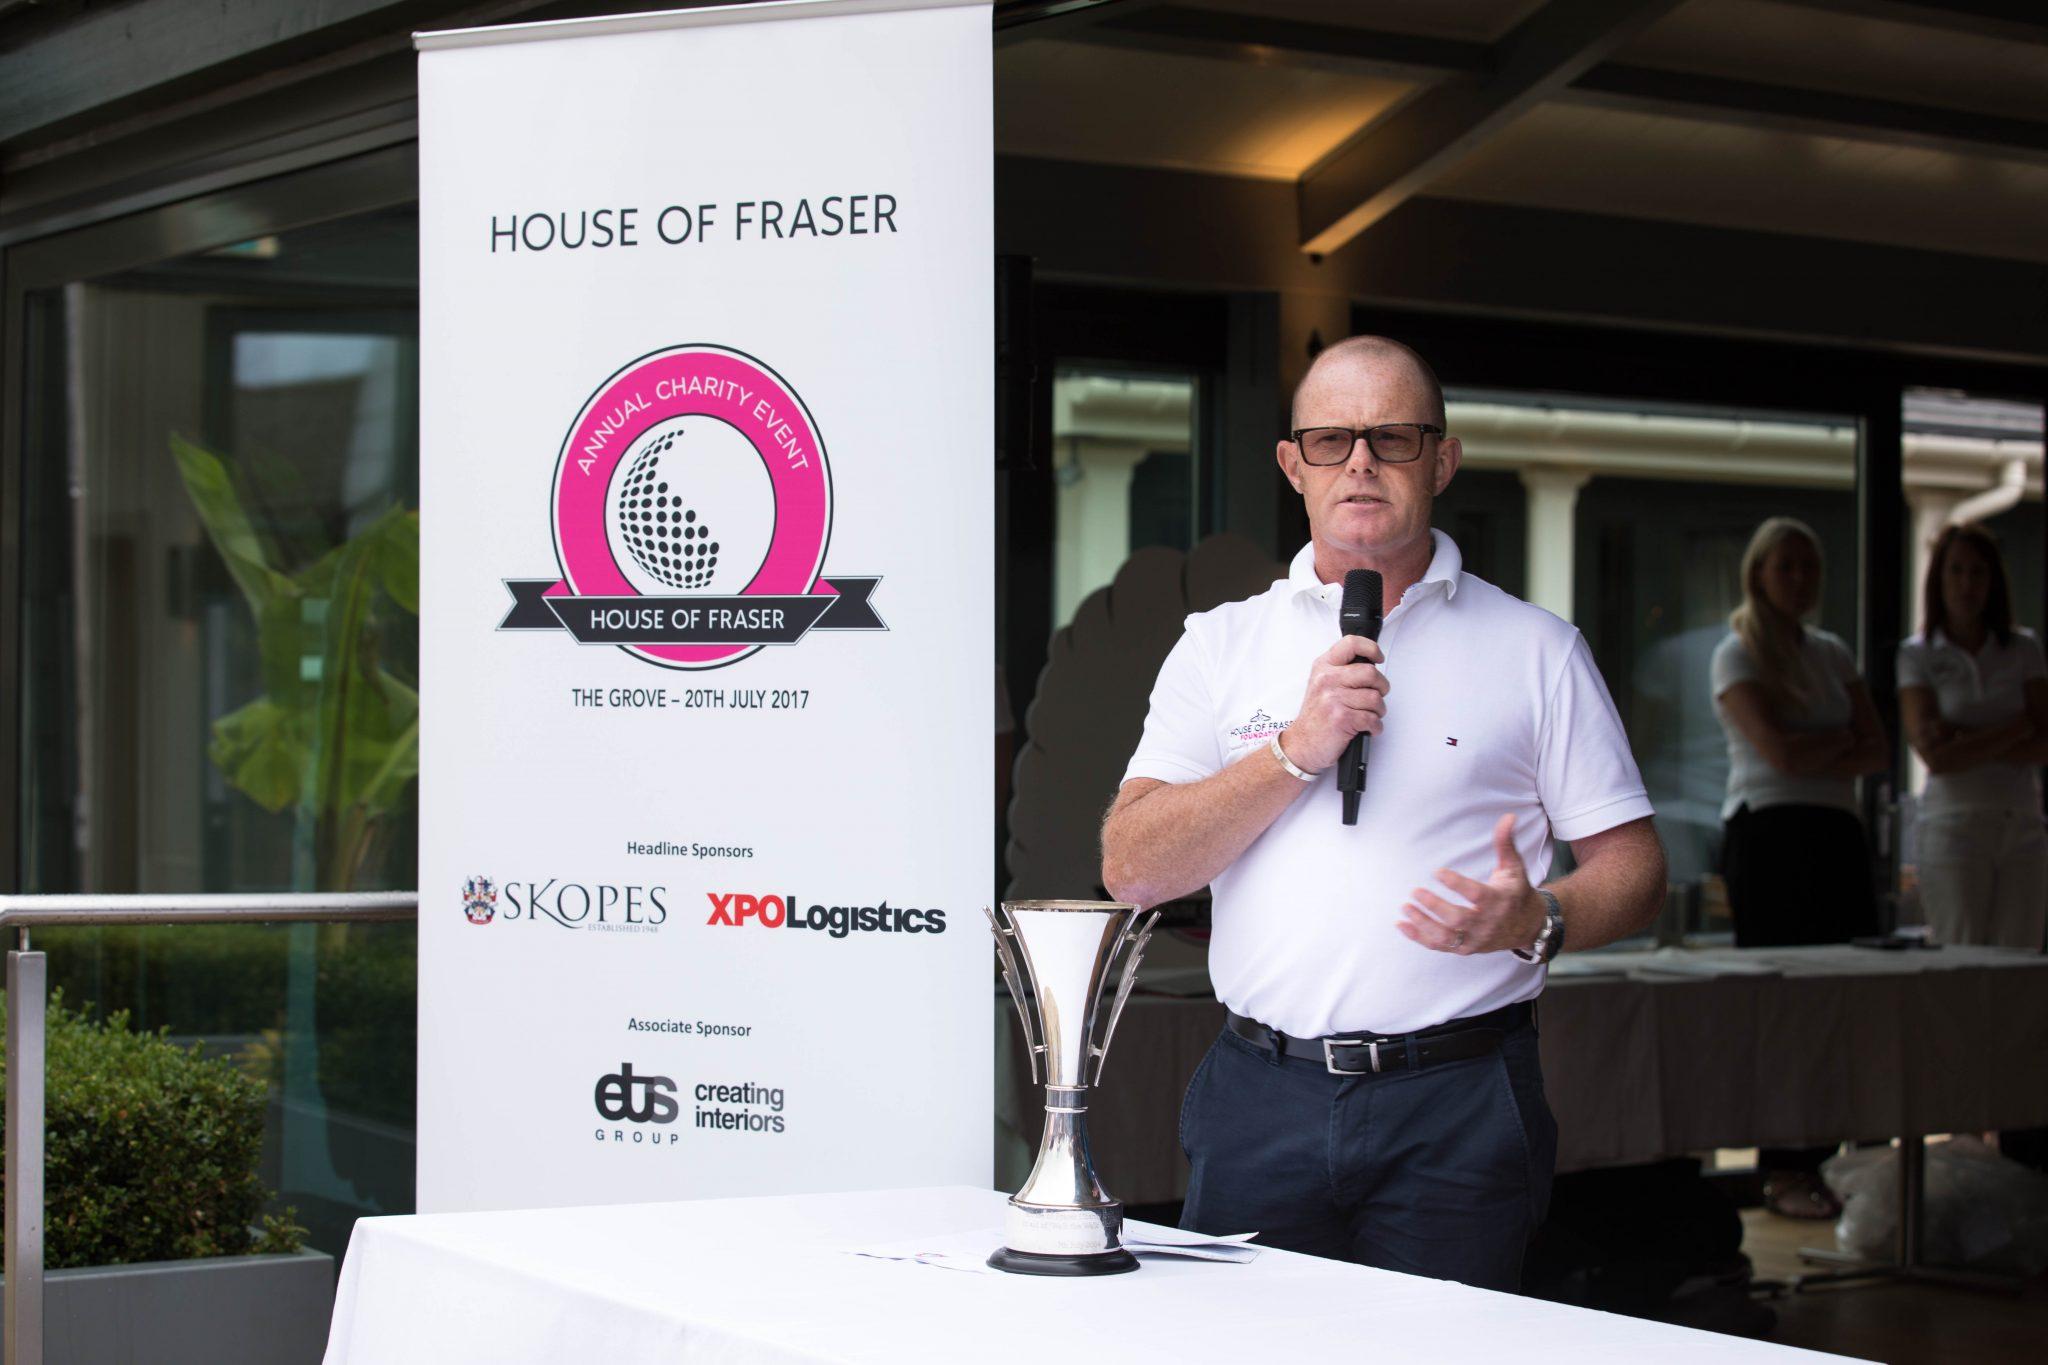 House-of-Fraser-2017-2.jpg